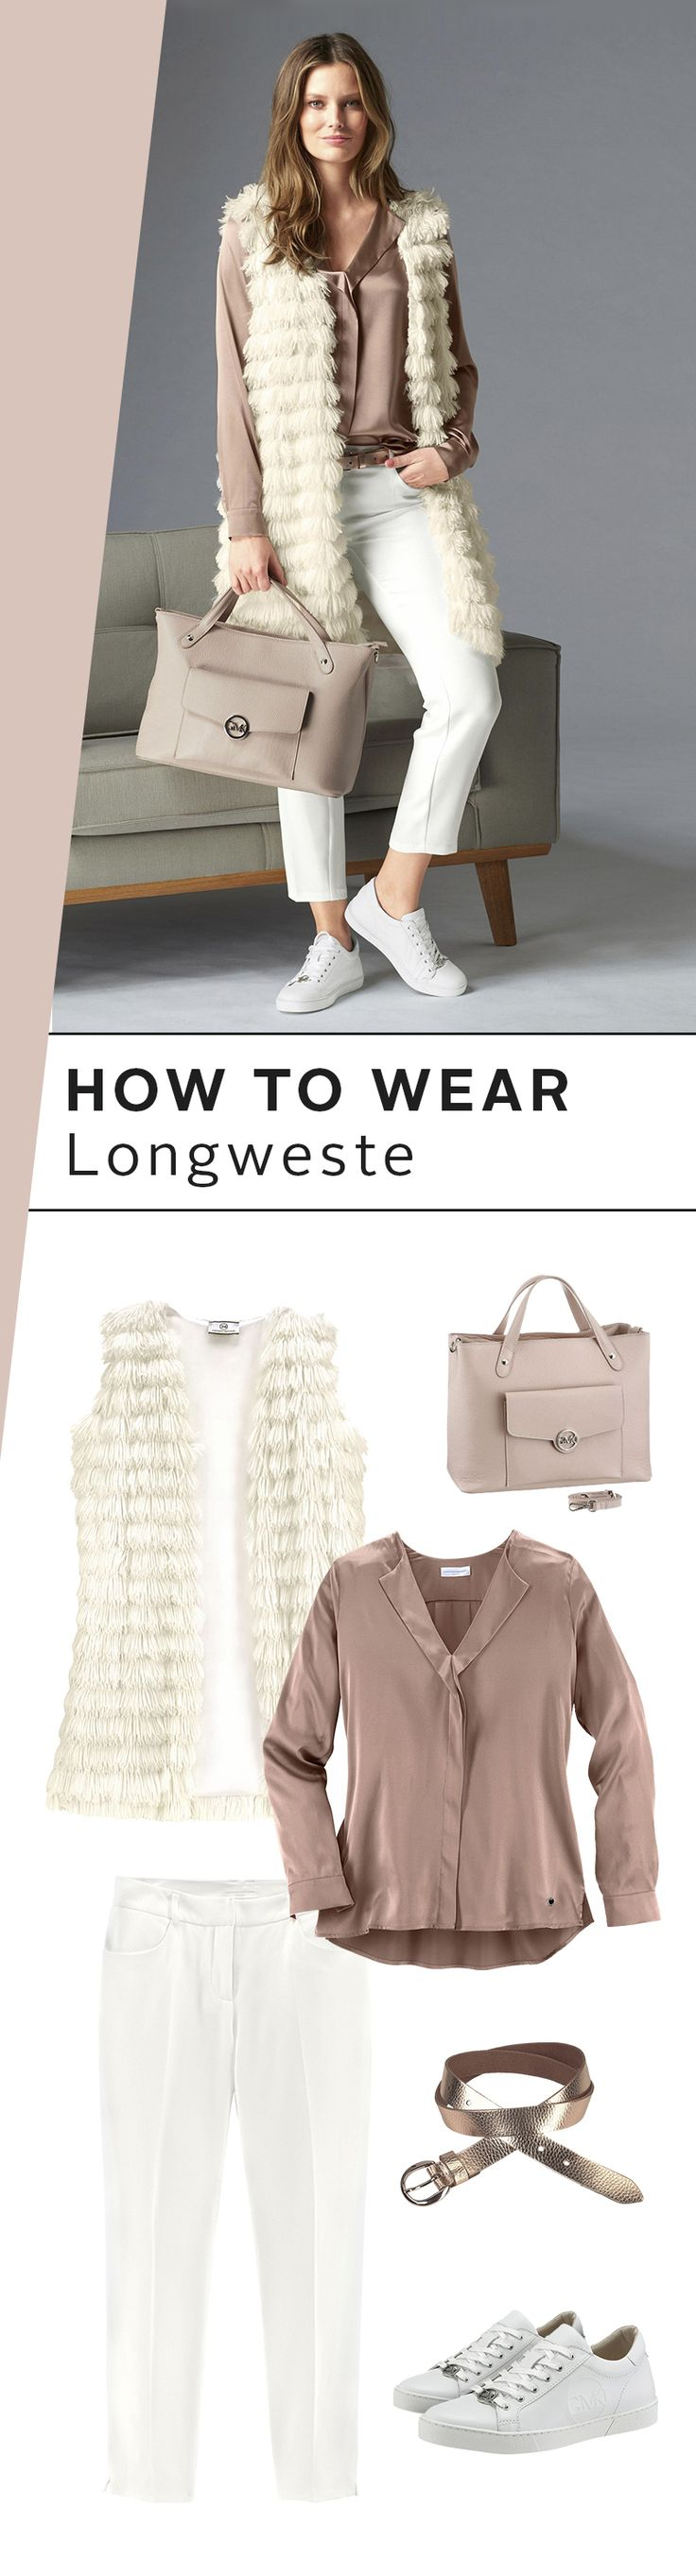 Die Longweste bekommt jetzt in der Übergangszeit einen Platz ganz weit vorne an der Garderobe. Super praktisch! Schau mal, wie du sie in der Felloptik zu einem elegant-verspielten Outfit kombinieren kannst – und damit bereit für alle herbstlichen Anlässe bist!